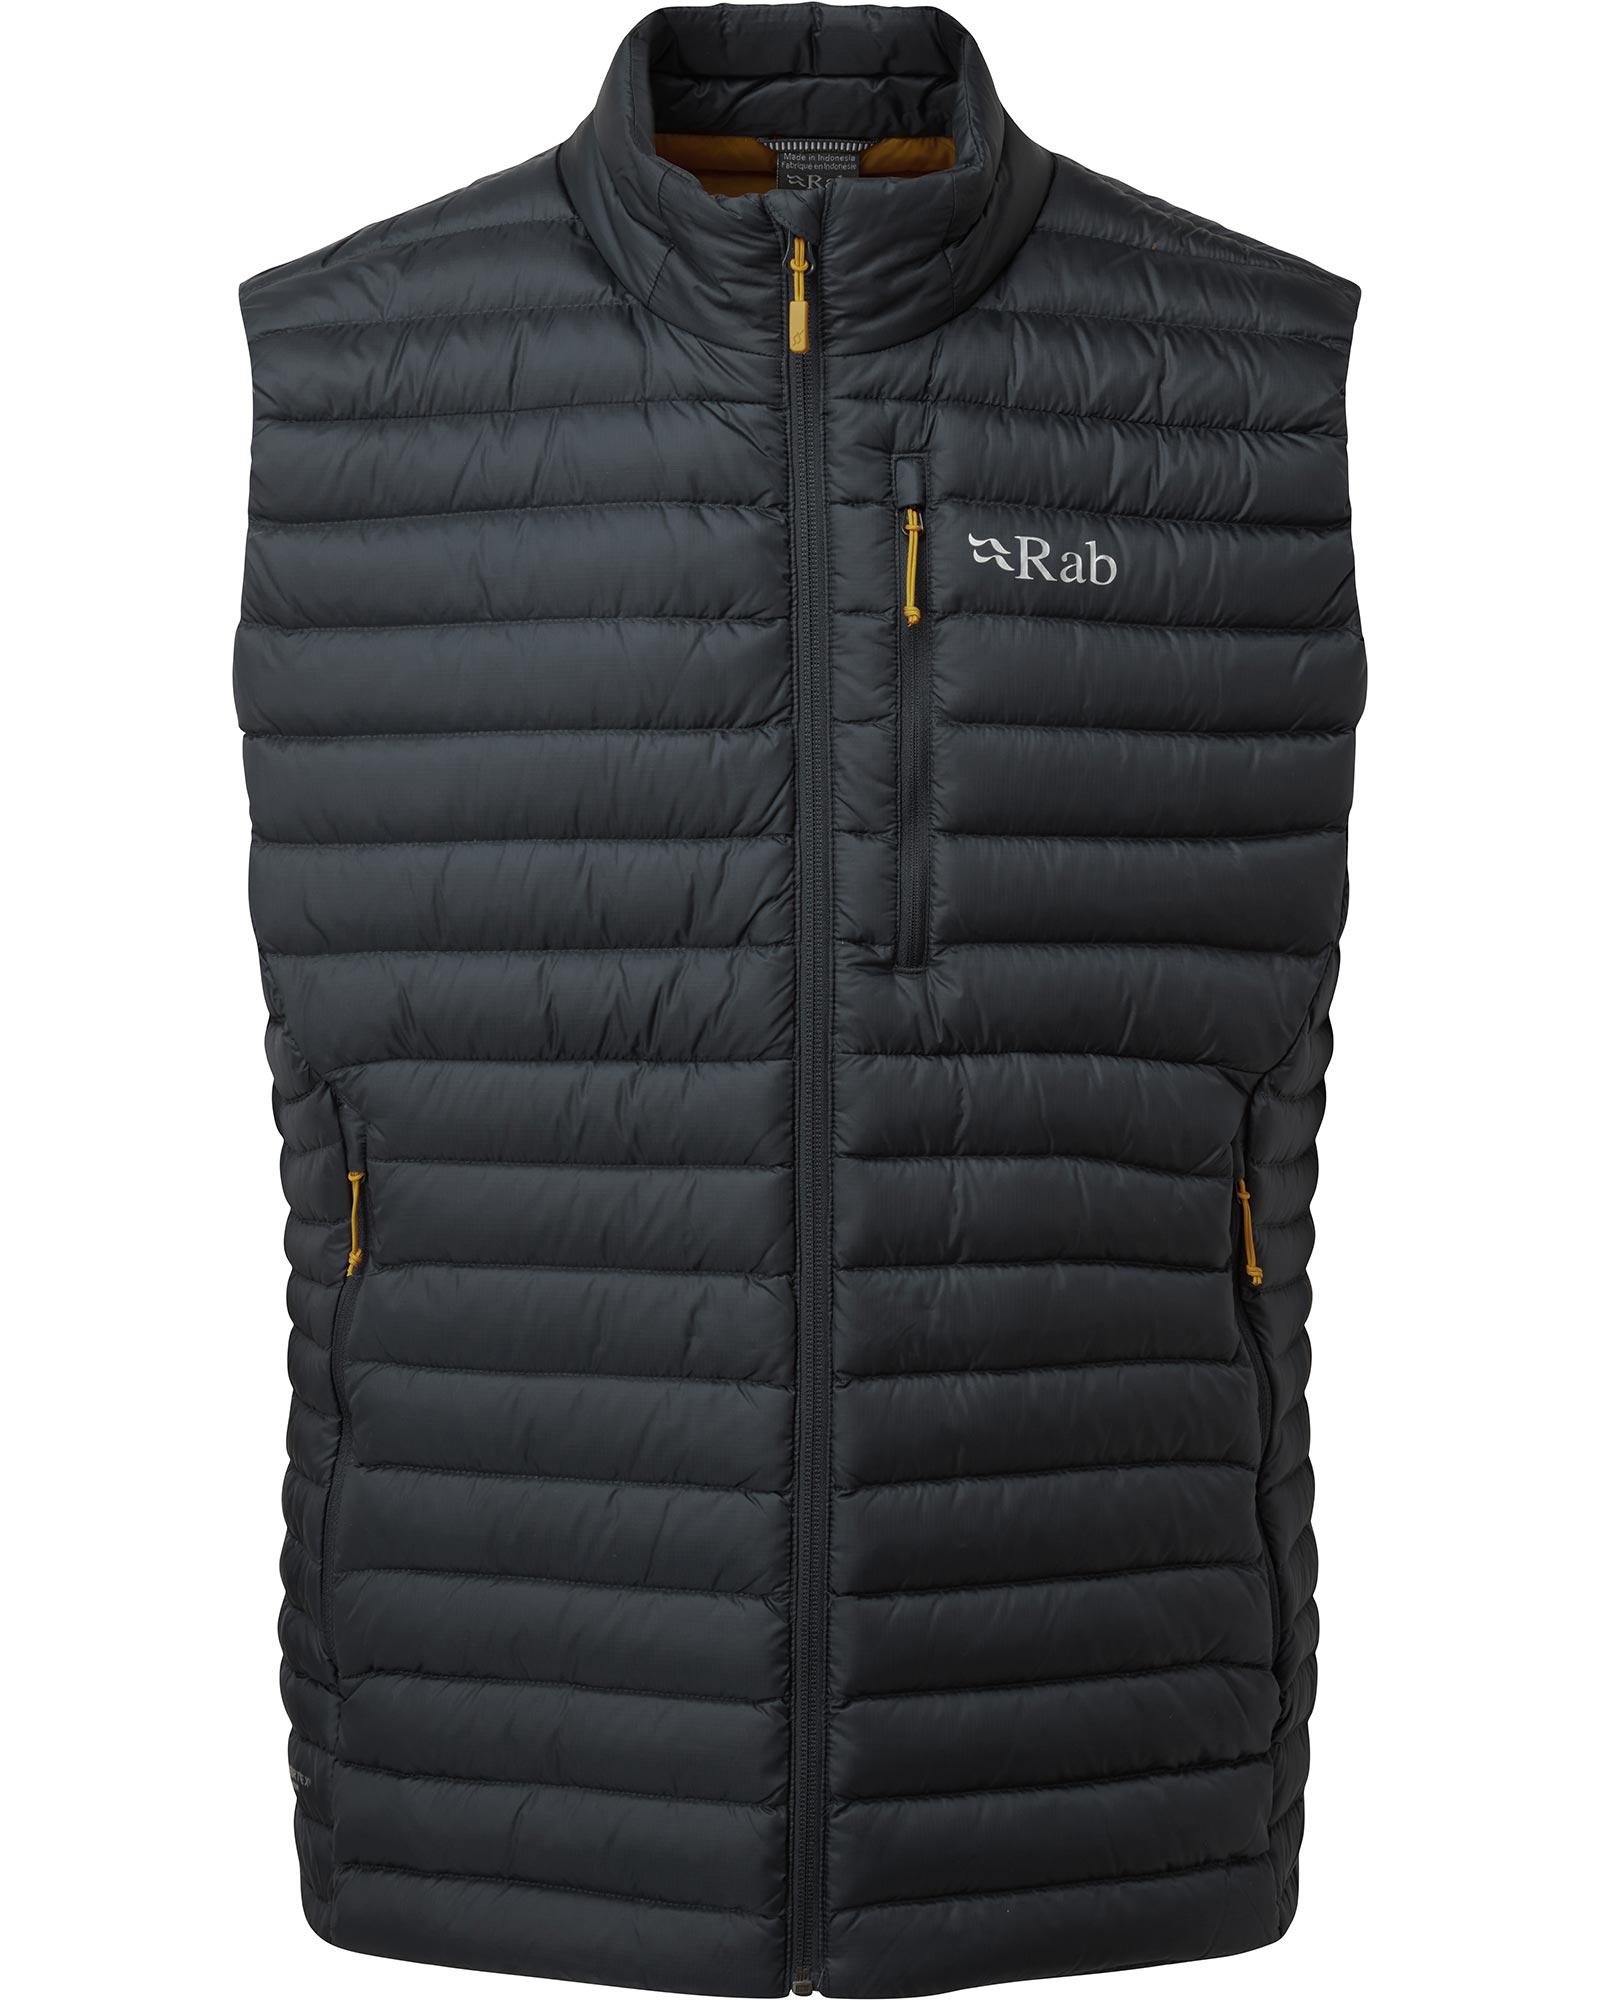 Rab Mens Mantra Jacket